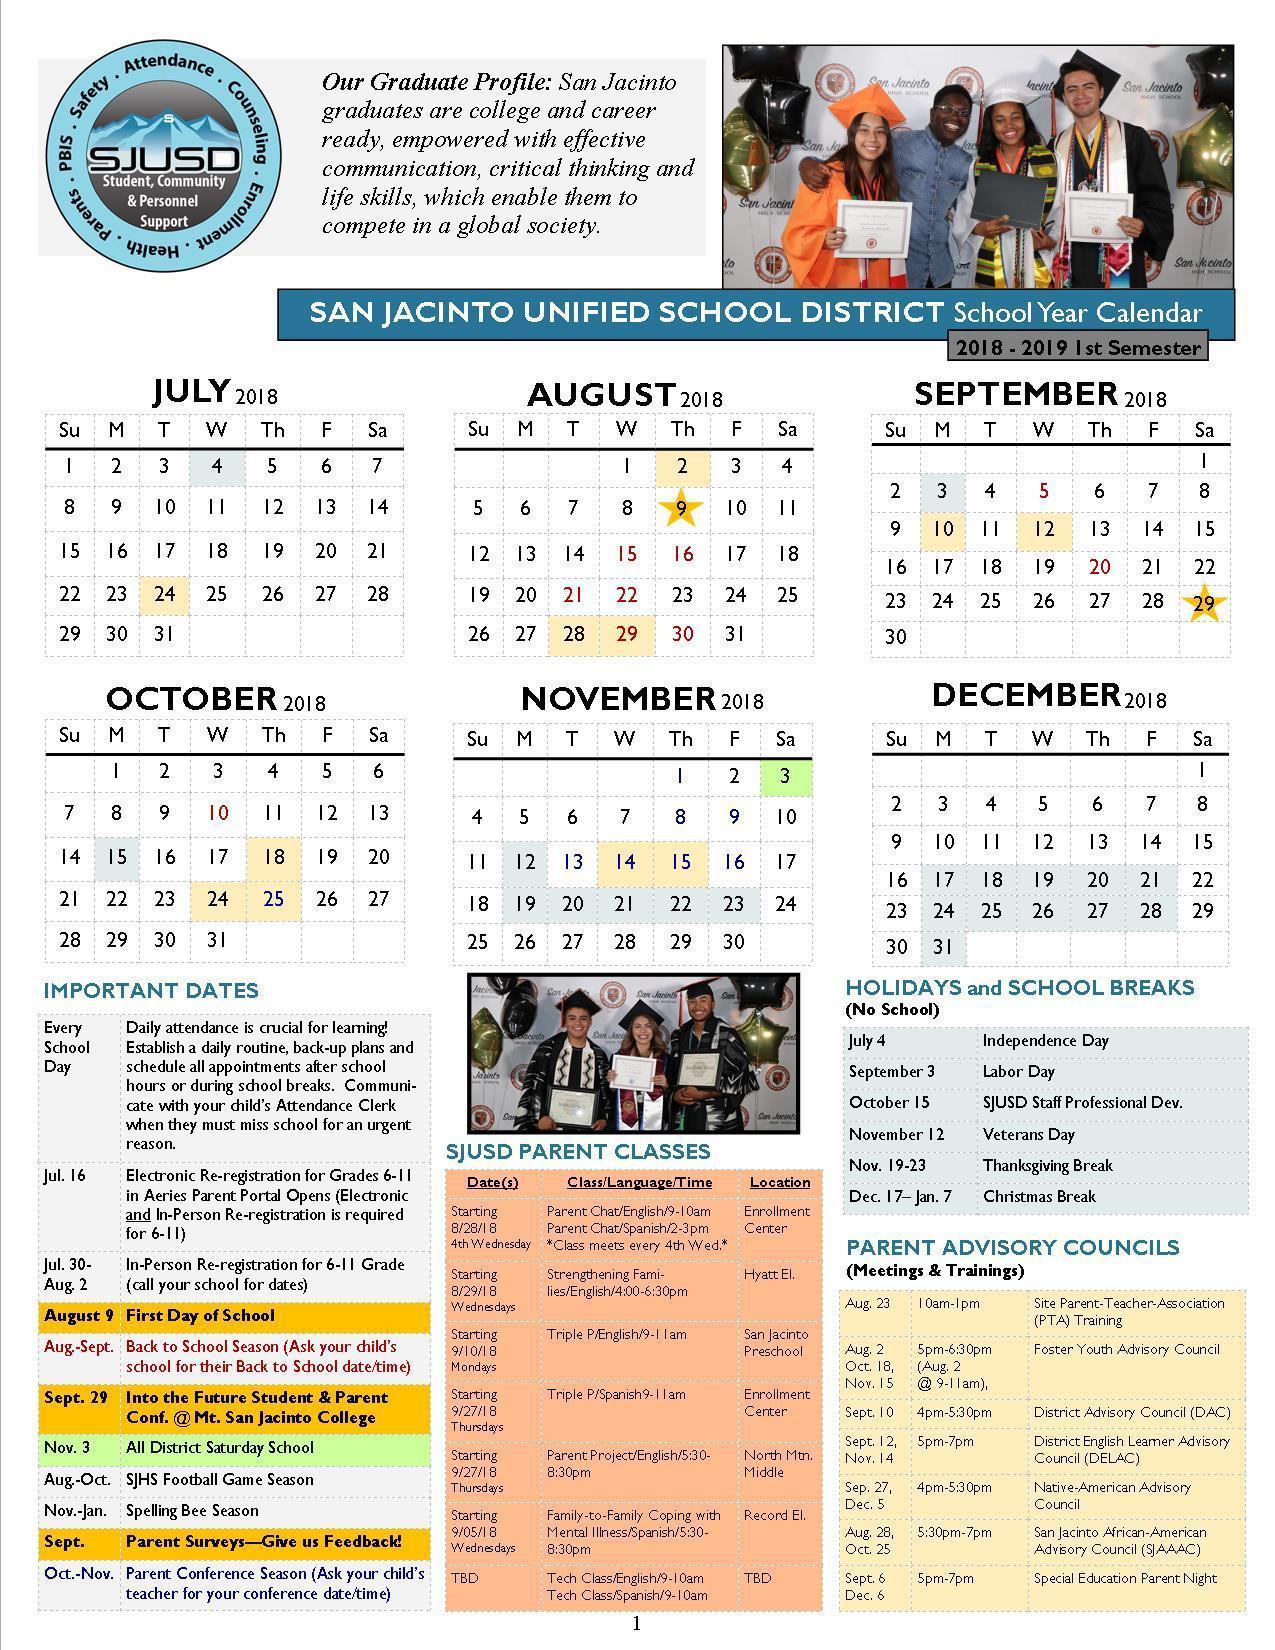 18-19 School Year Calendar